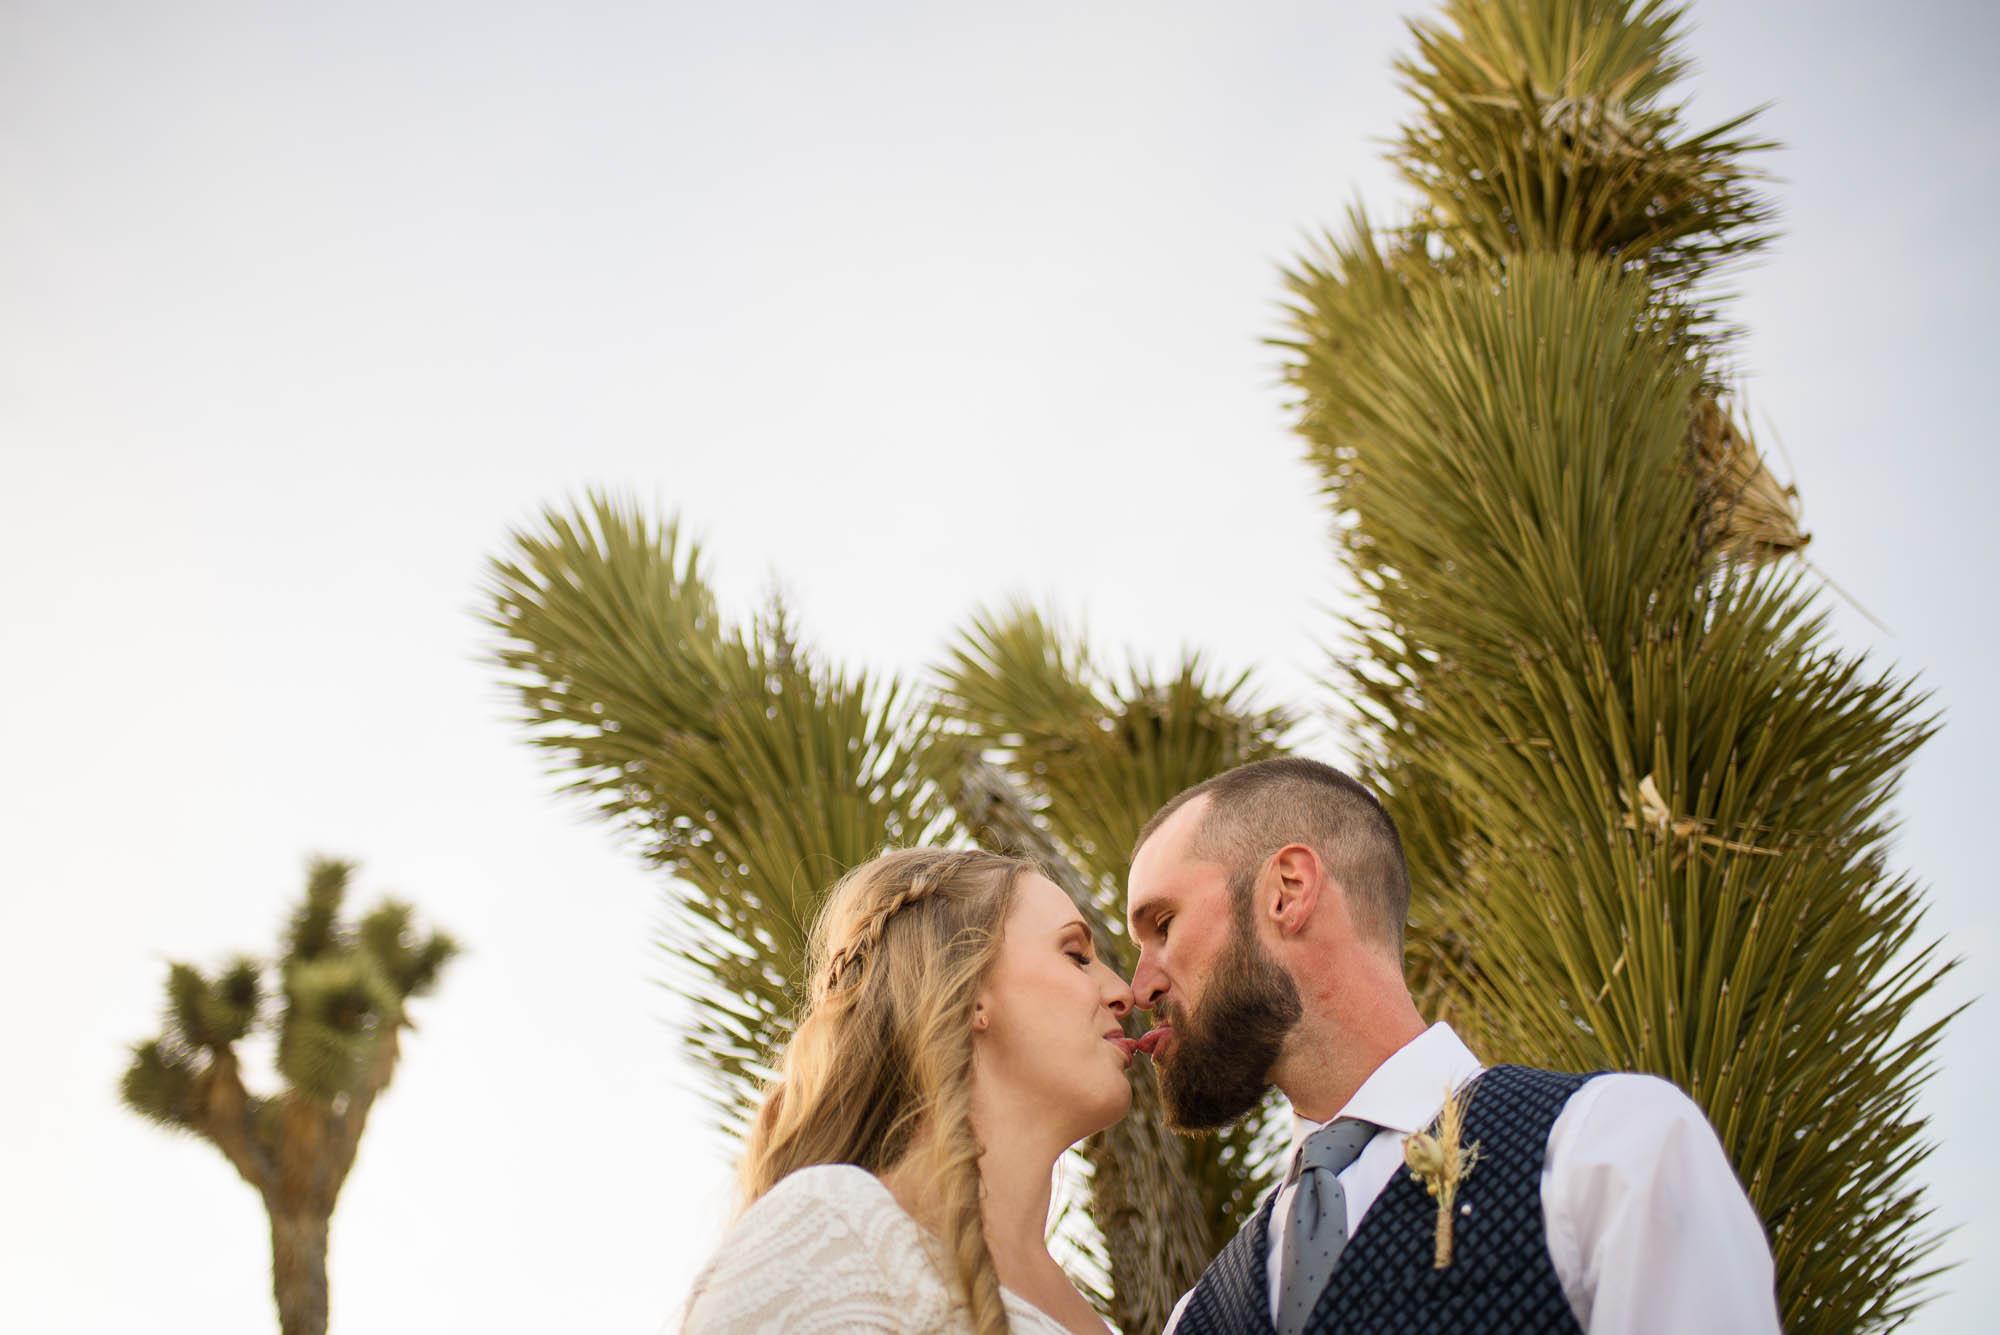 045_Alan_and_Heidi_Wedding_Abby_Tyler